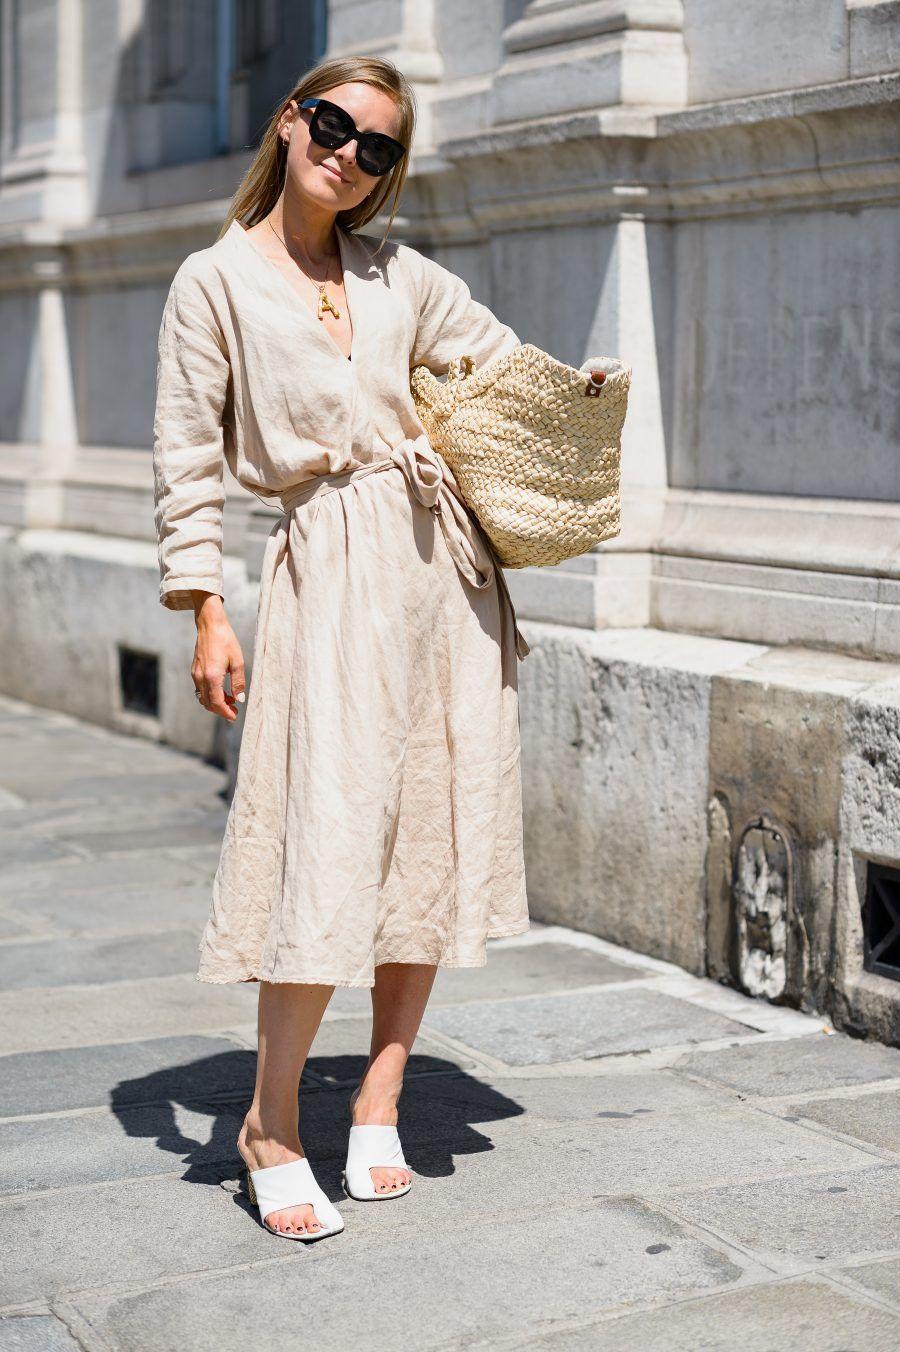 trang phục linen - đầm linen màu be và túi cói